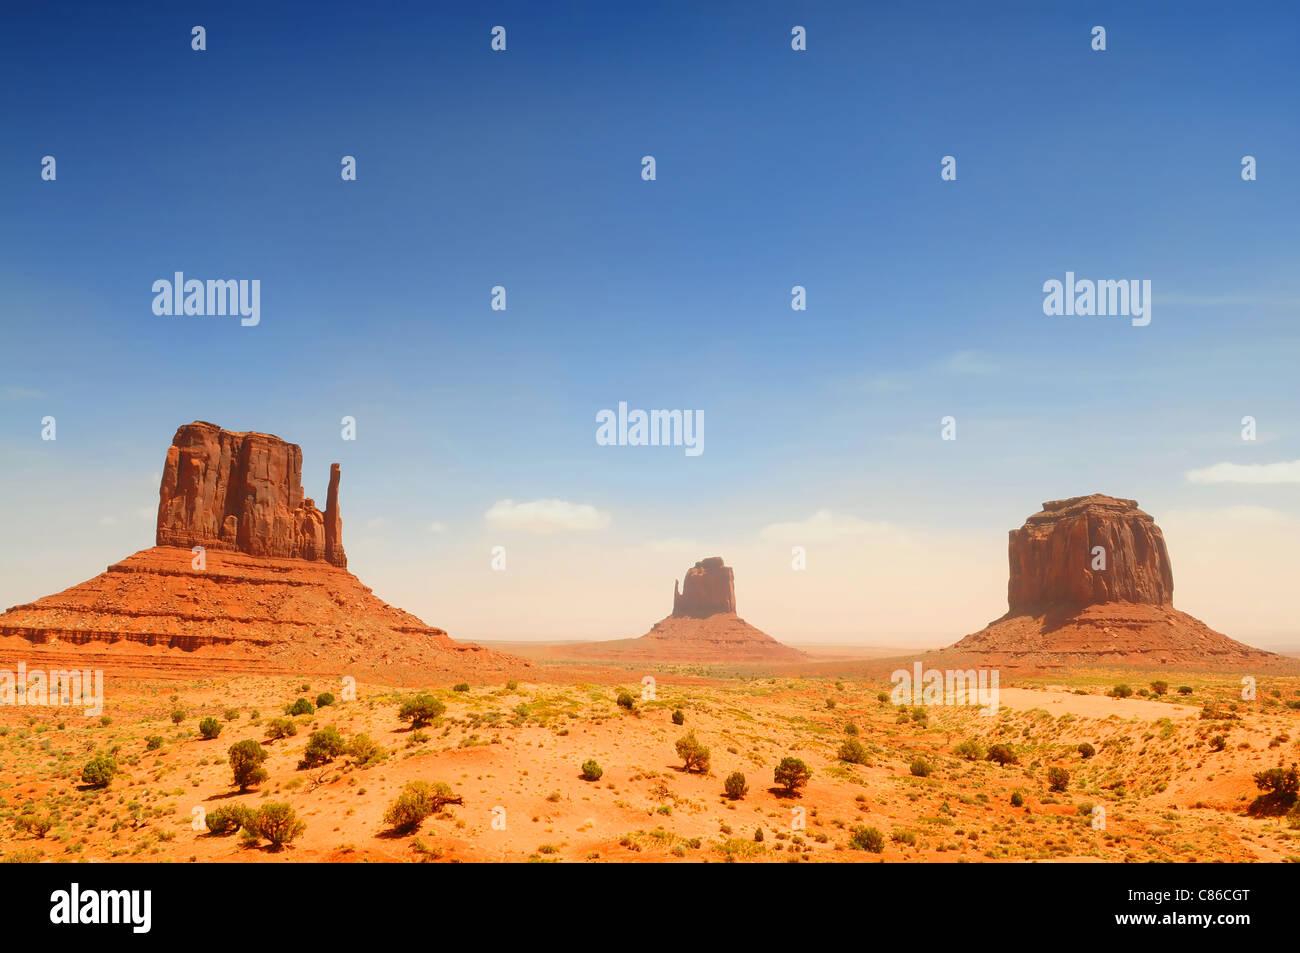 Monument Valley, berühmten Film Landschaft an sonnigen Tag Stockbild